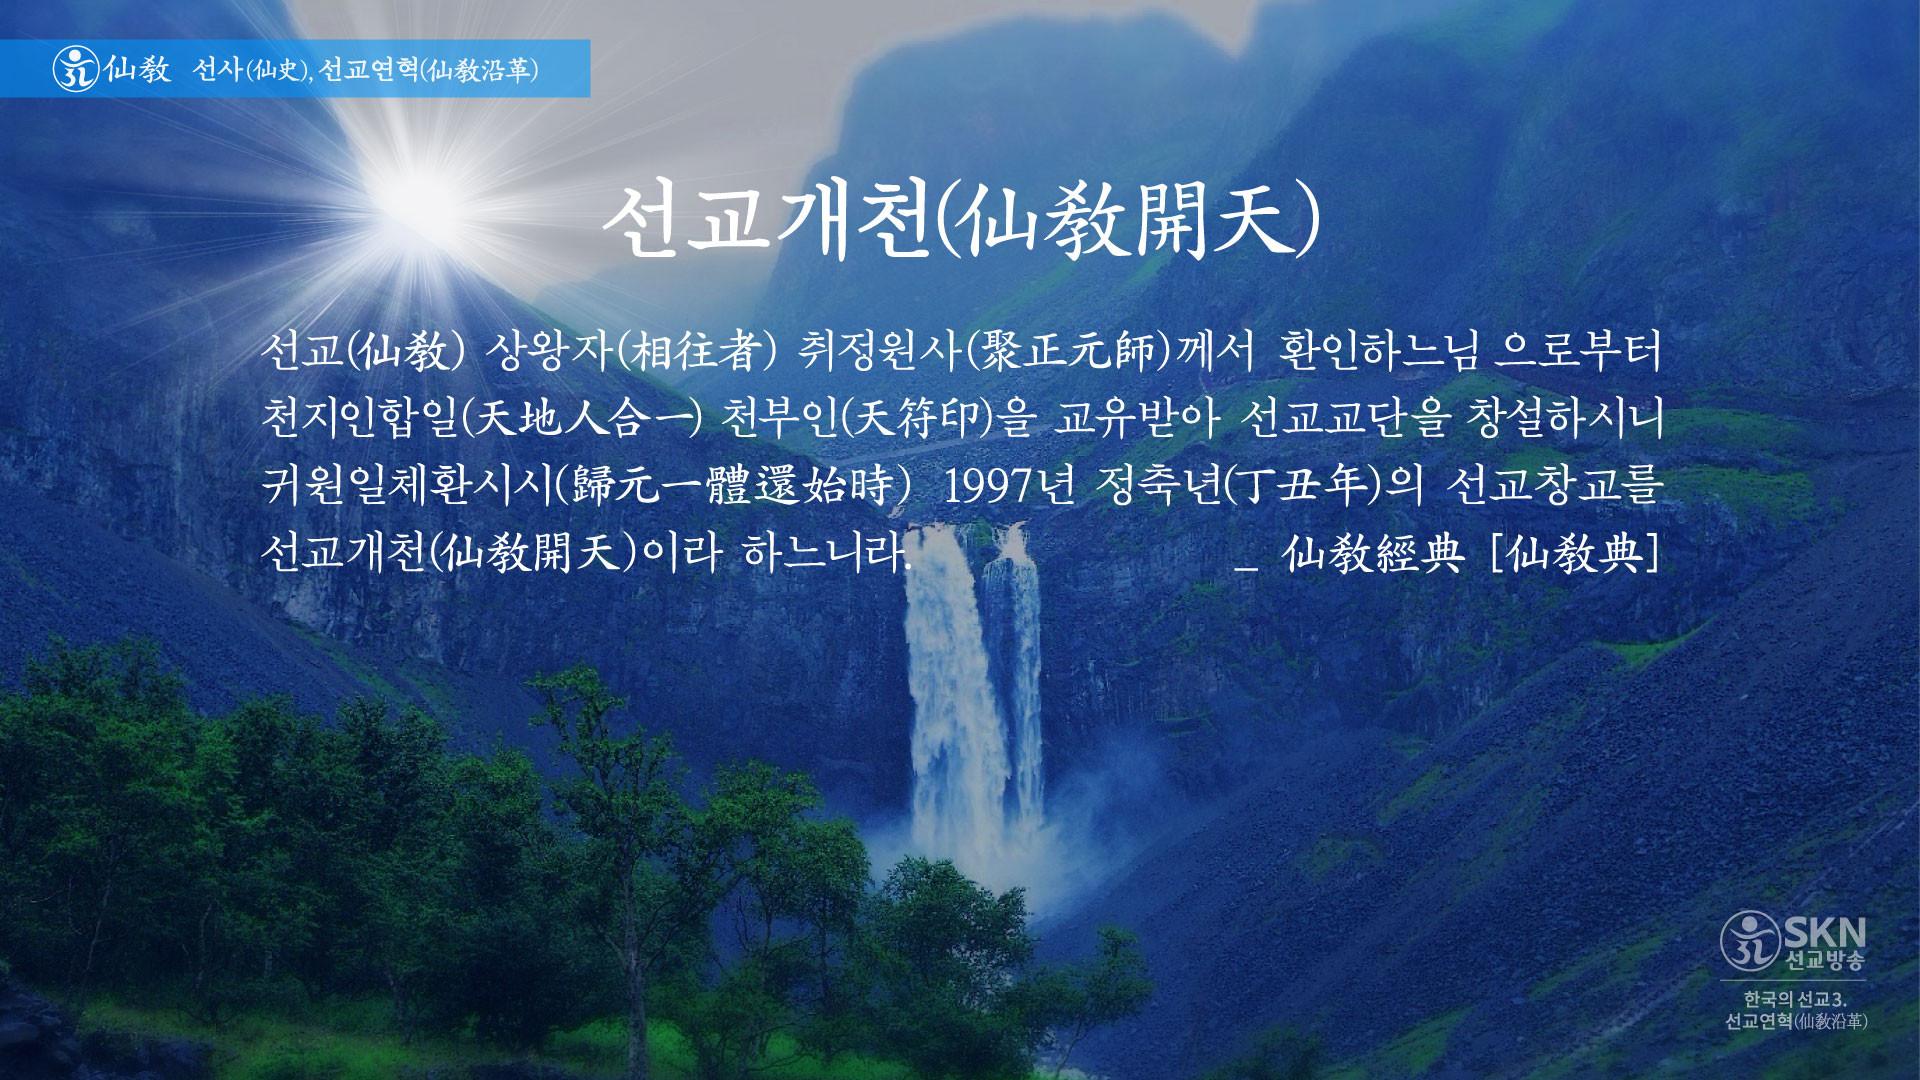 선교연혁, 취정원사, 민족종교 선교, 한국의 선교, 仙敎, 선교개천